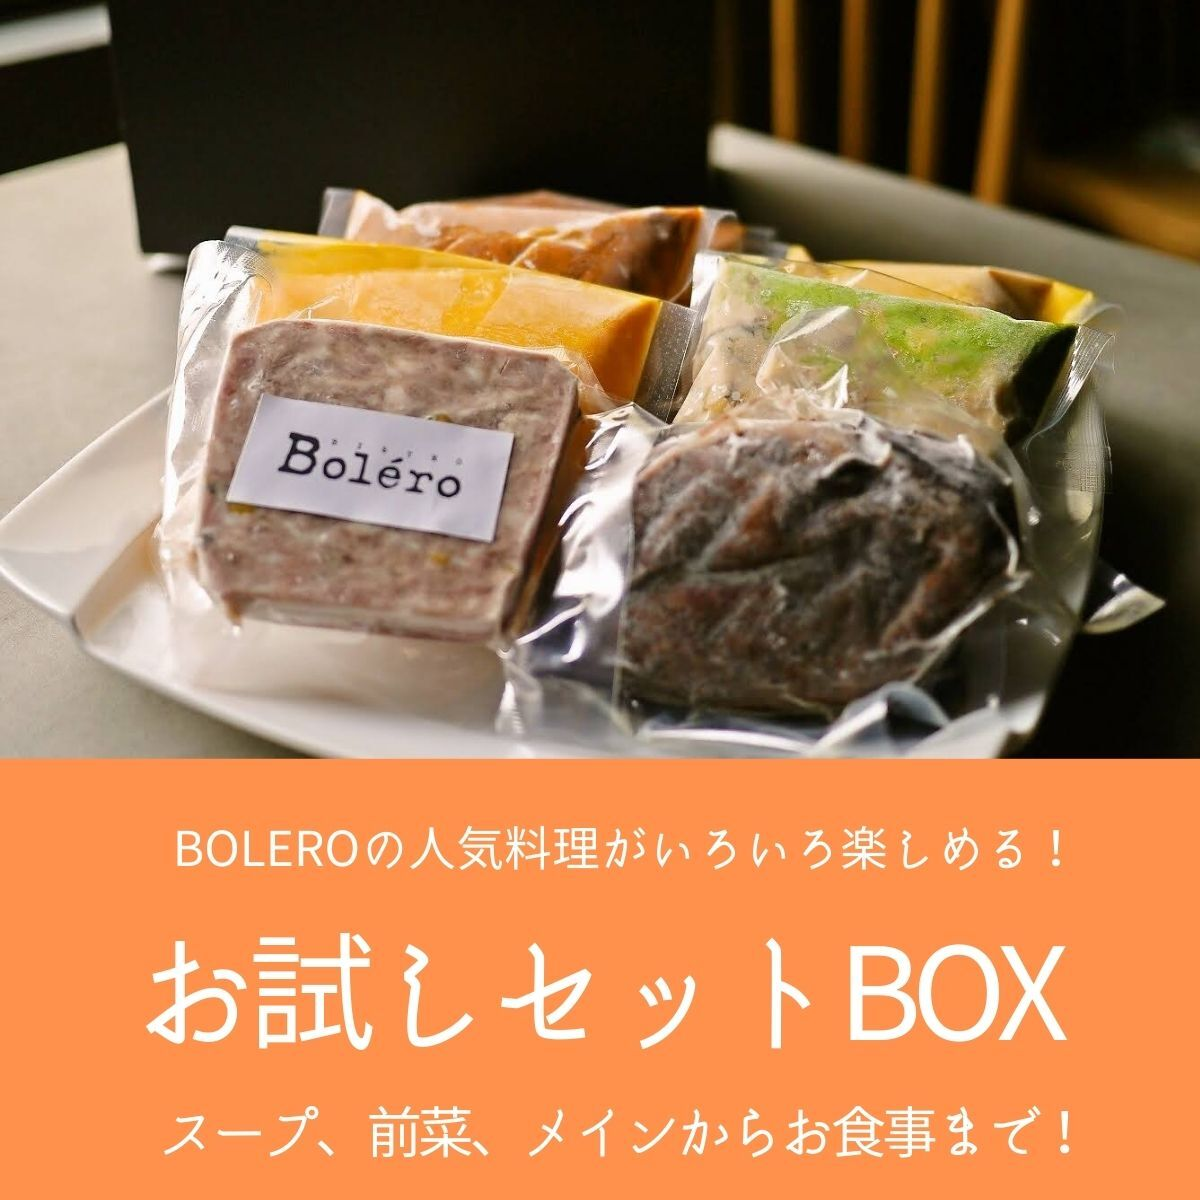 ボレロのお試し限定セットBOX